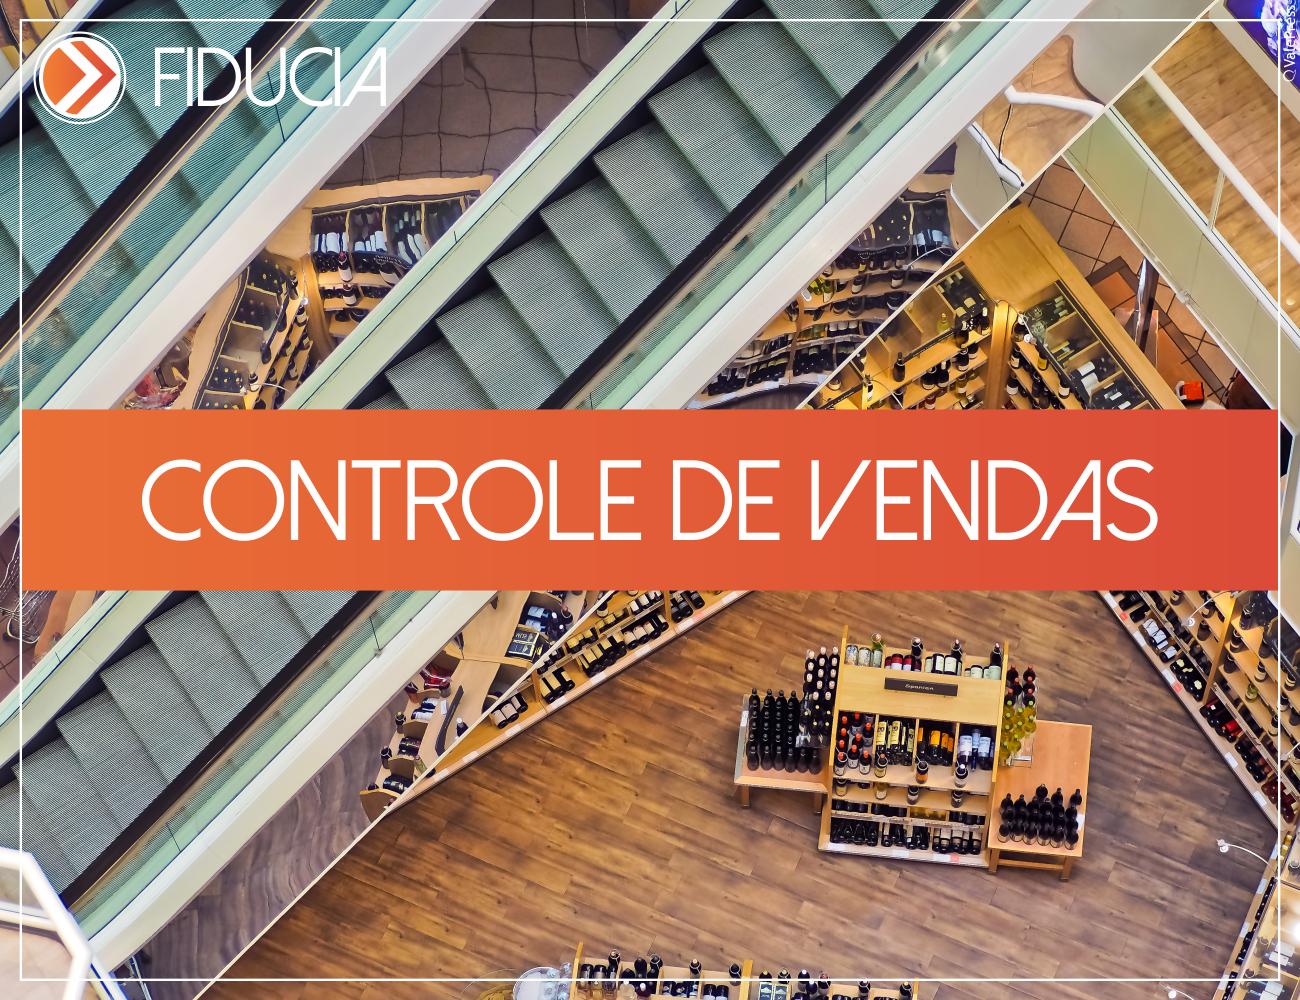 Controle de vendas como potencializar a rotina da sua empresa